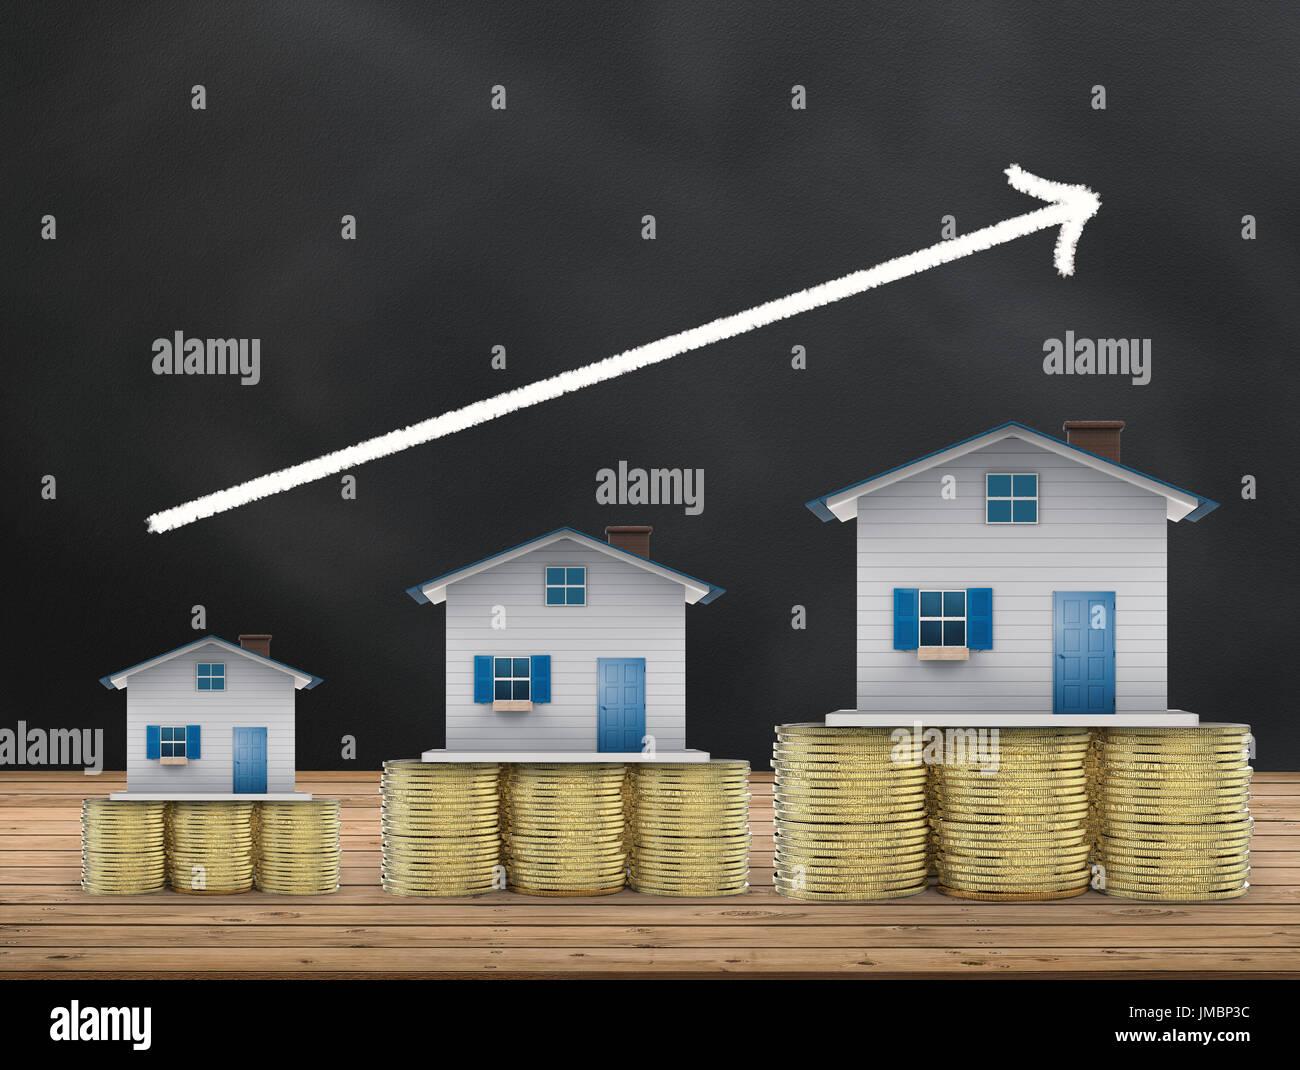 Concepto de inversión inmobiliaria con casas de maquetas y monedas de oro Imagen De Stock